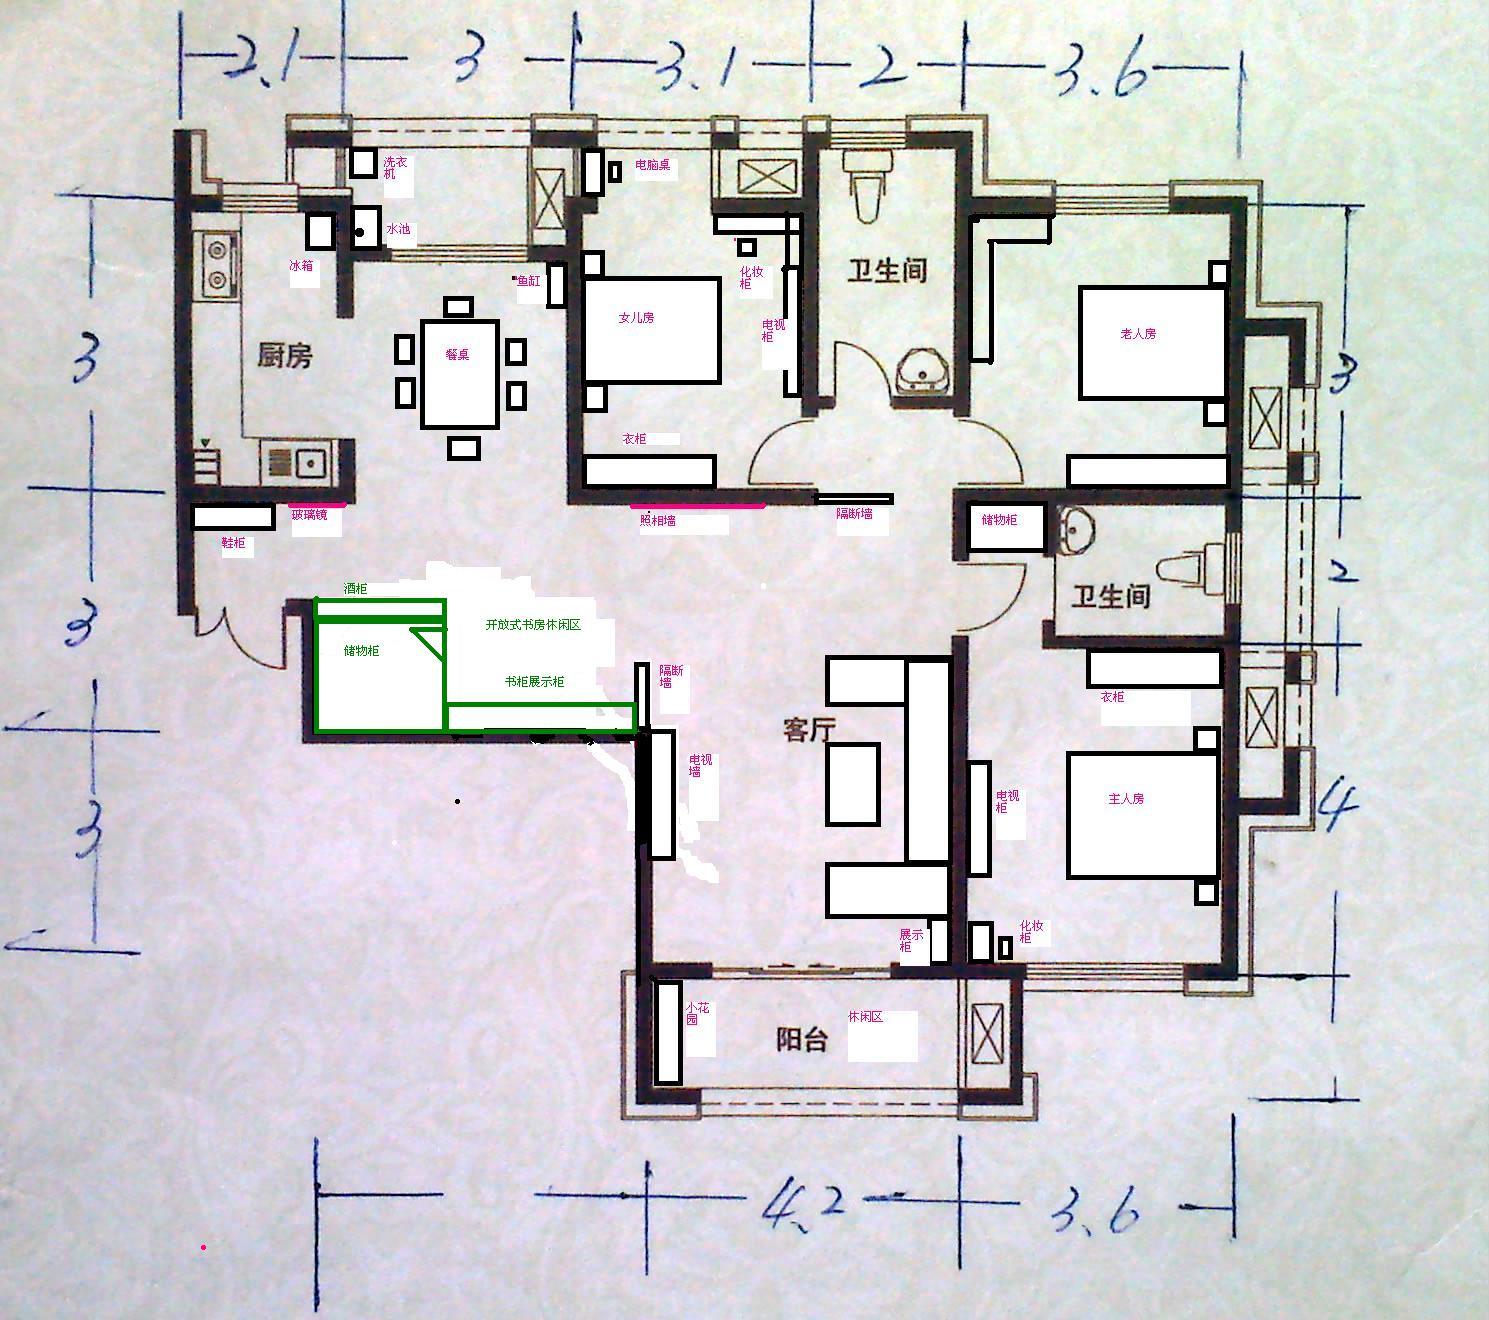 160平方米房子装修的设计图怎么画图片